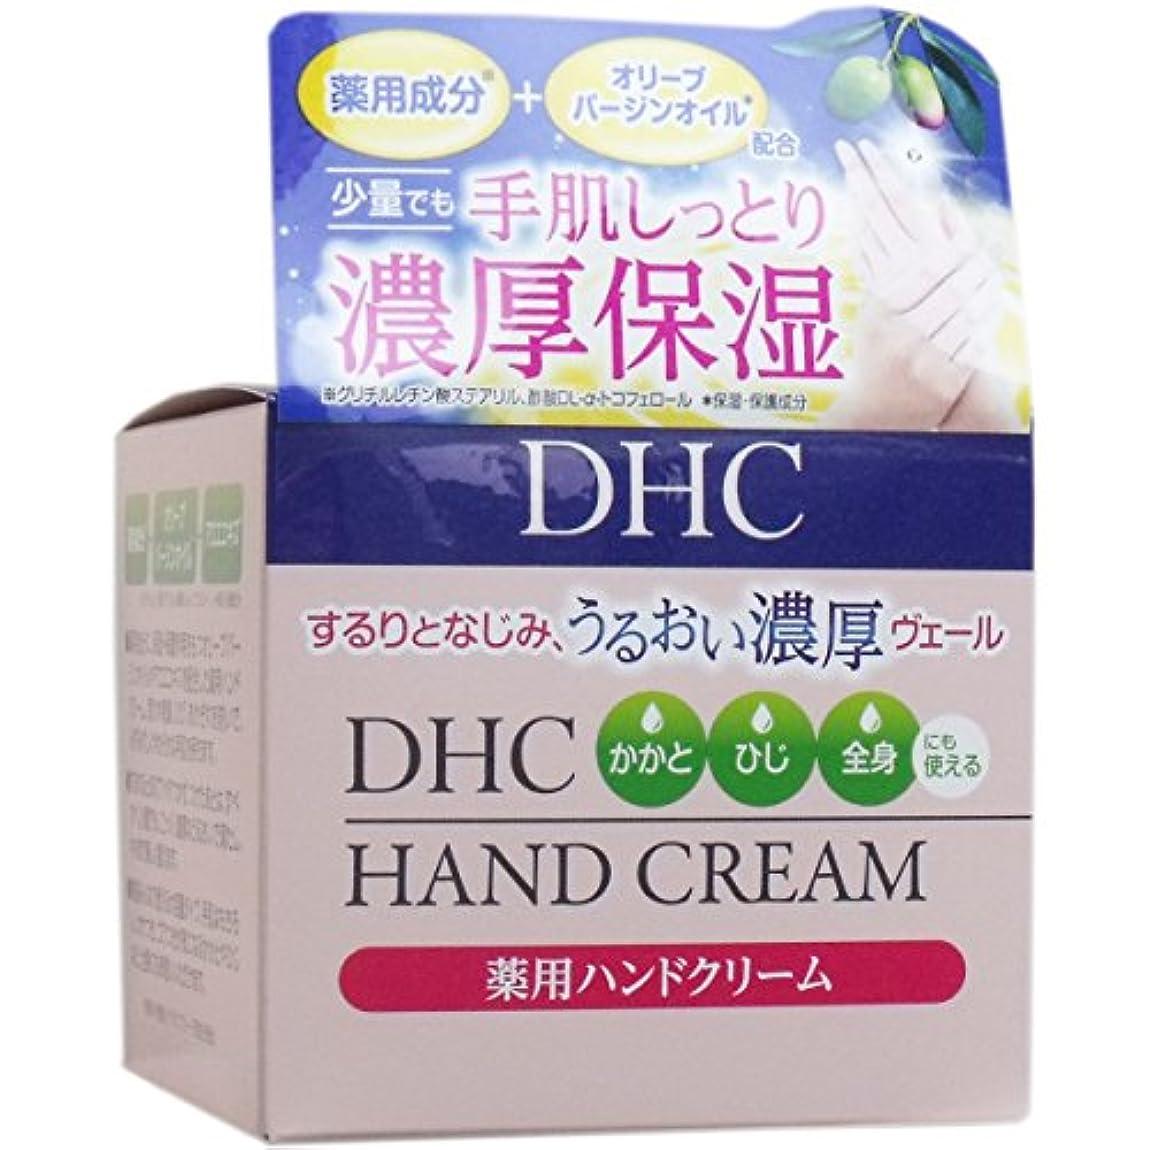 動揺させる農業ヒロイン[2月25日まで特価]DHC 薬用 ハンドクリーム 120g×20個セット